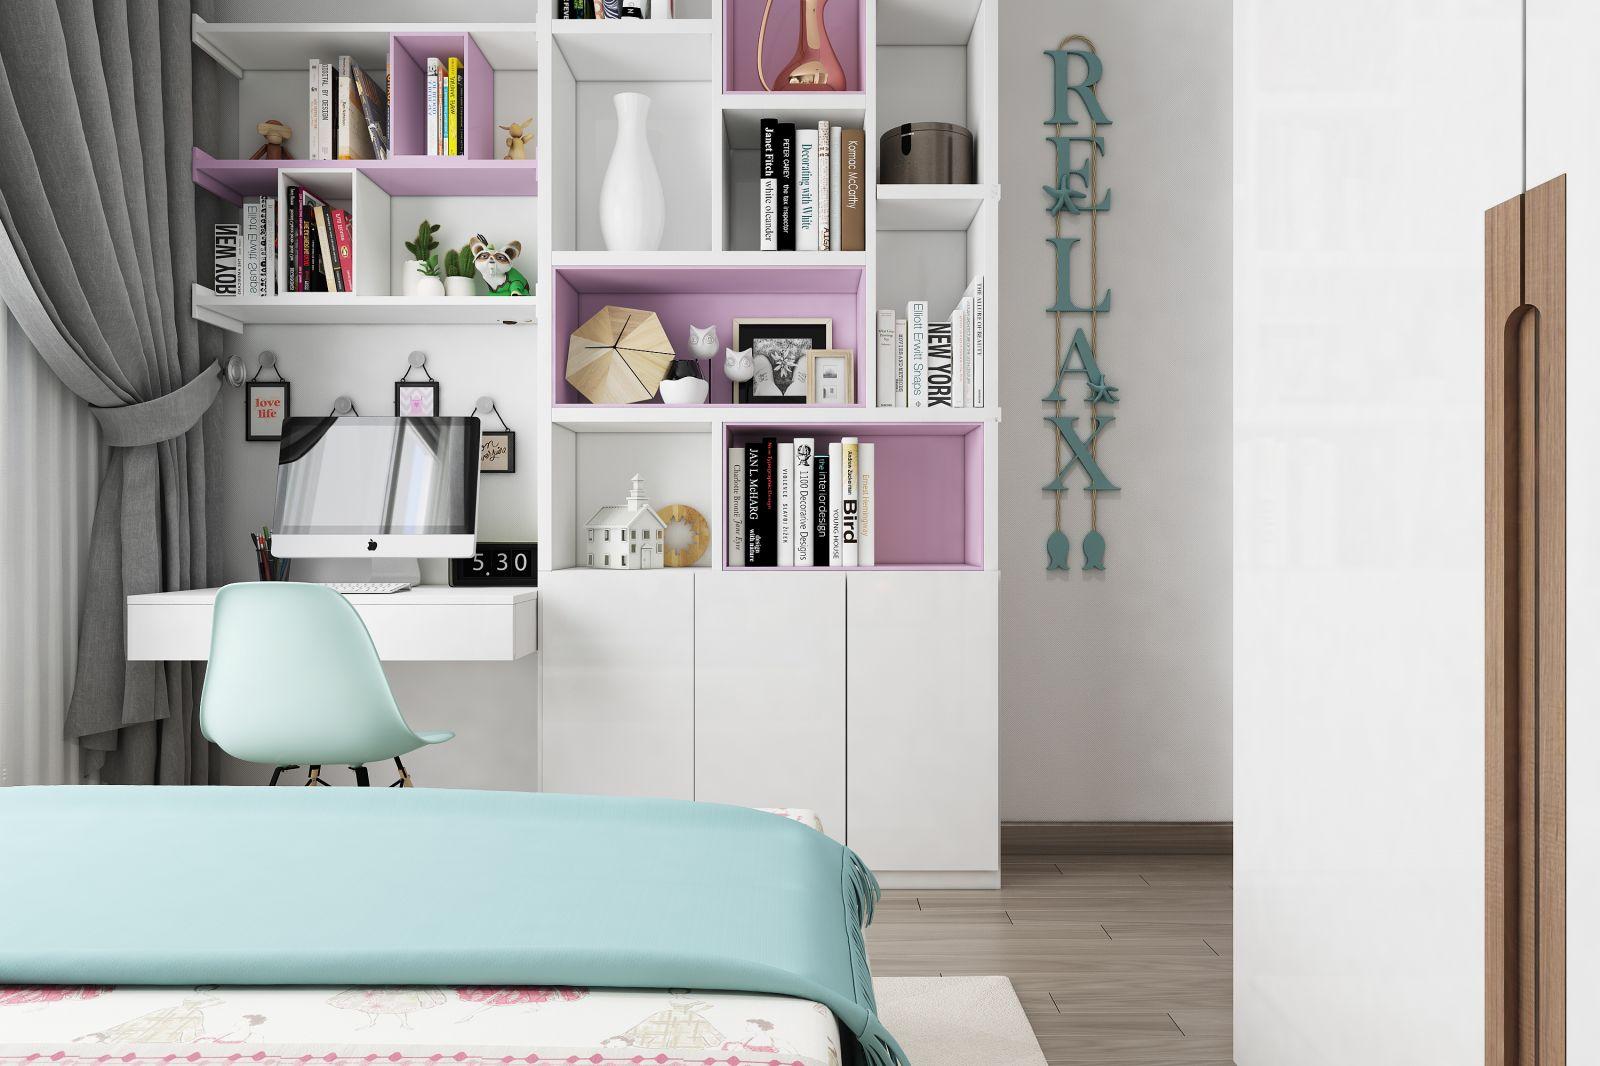 Thiết kế nội thất căn hộ An Binh - Anh Phát